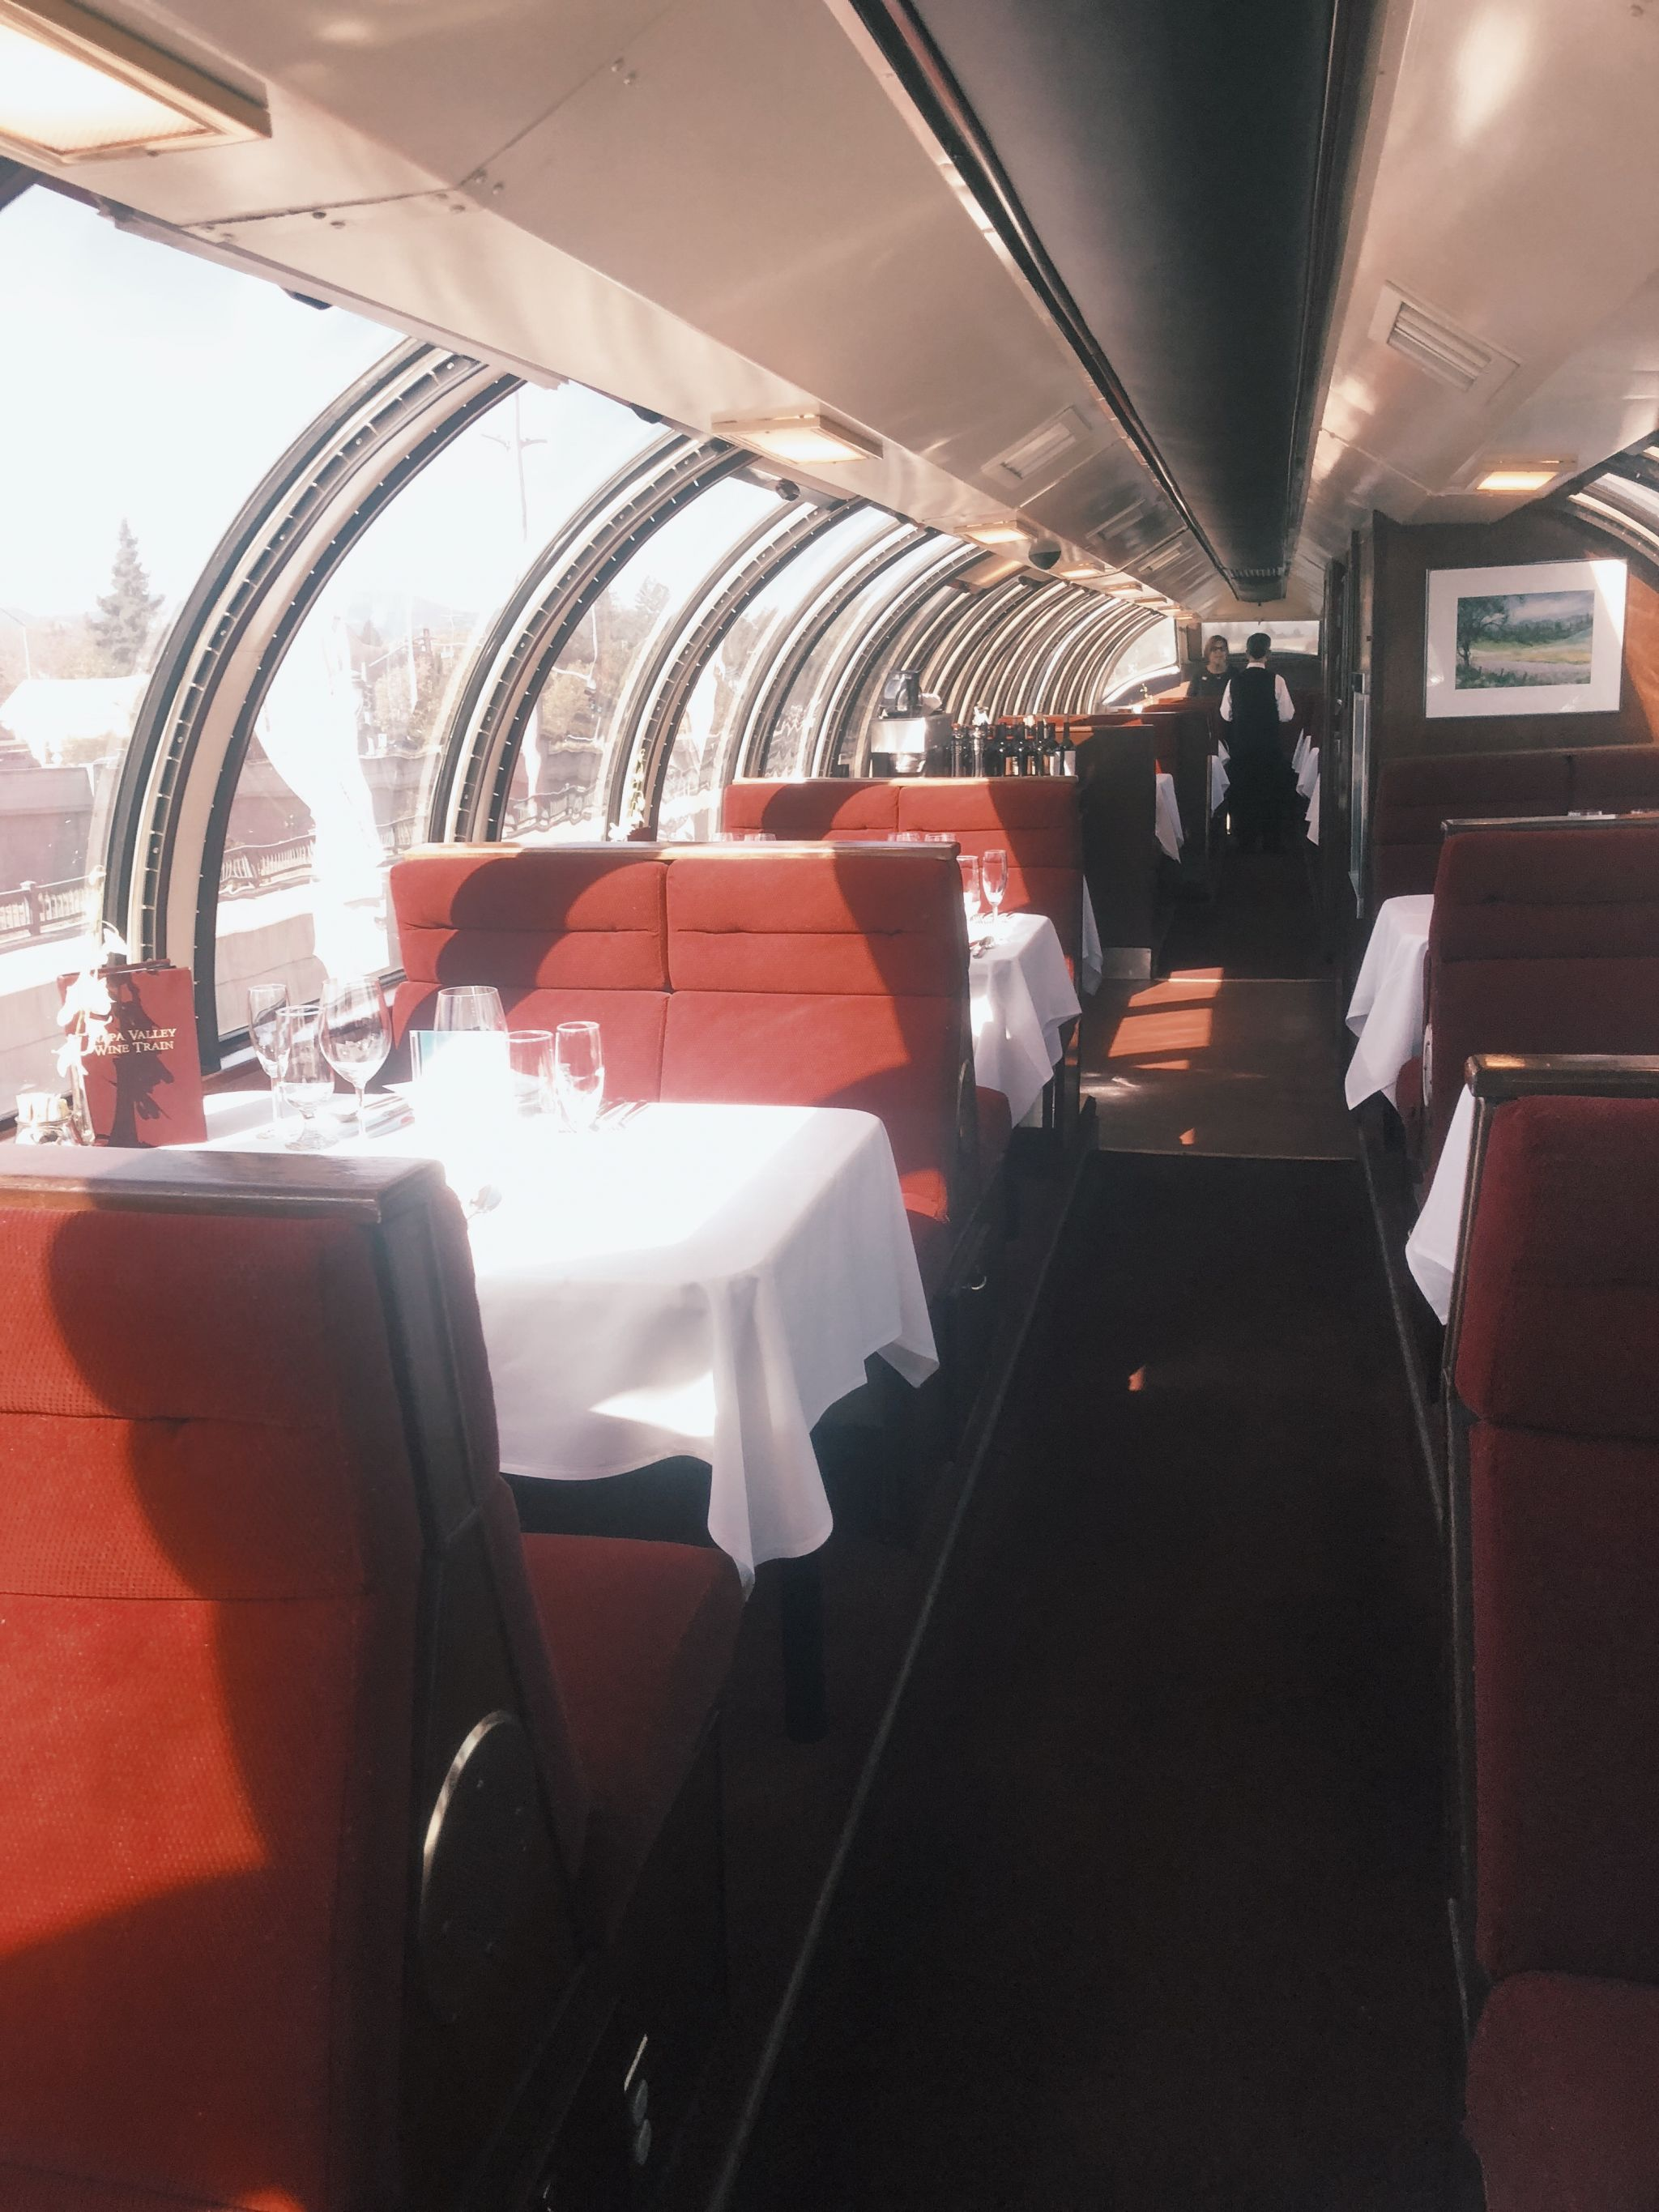 Napa Valley Wine Train Vista Dome